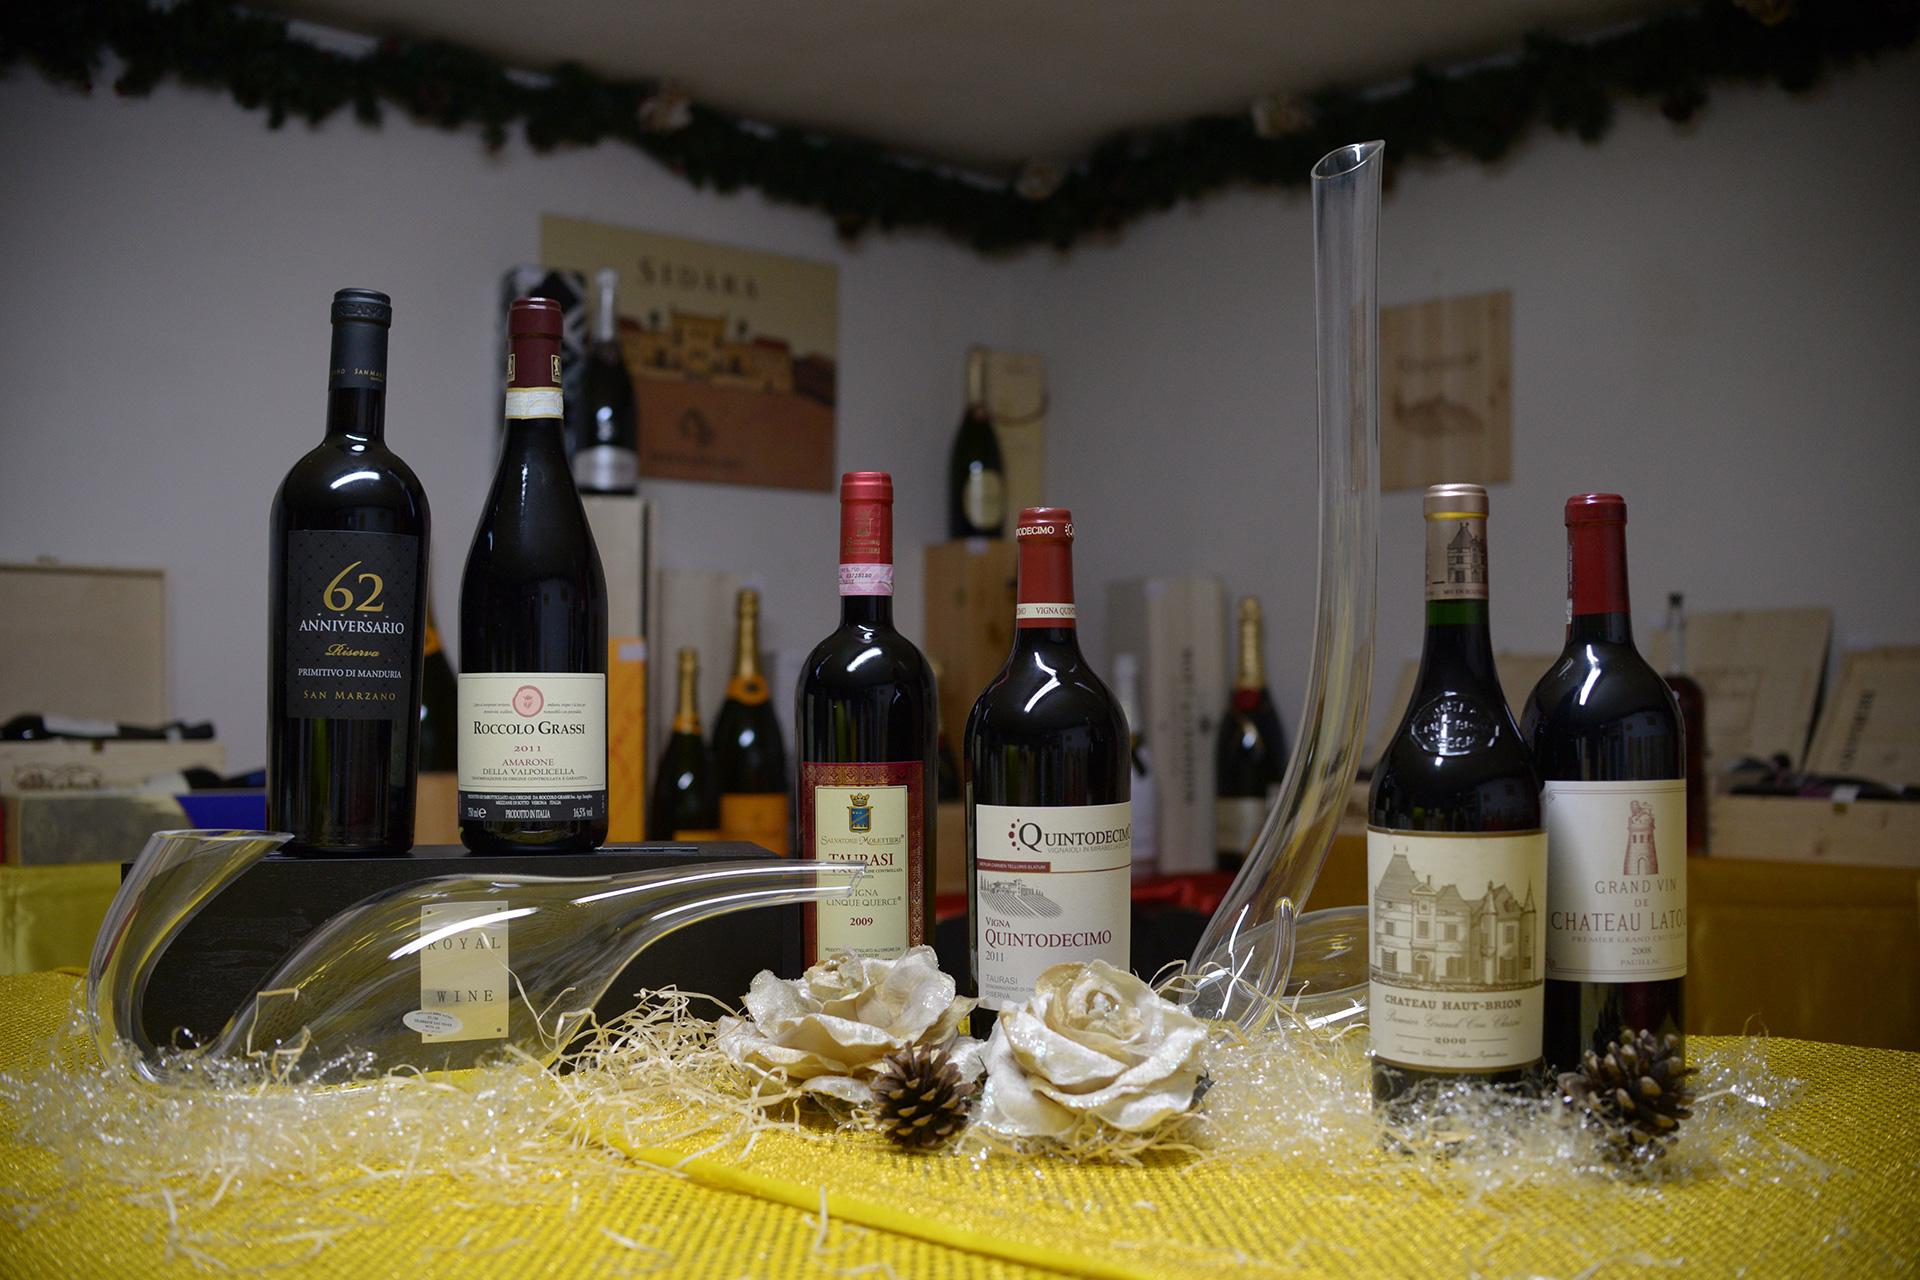 Vini - Sepe Srl - Distribuzione Vino e Liquori